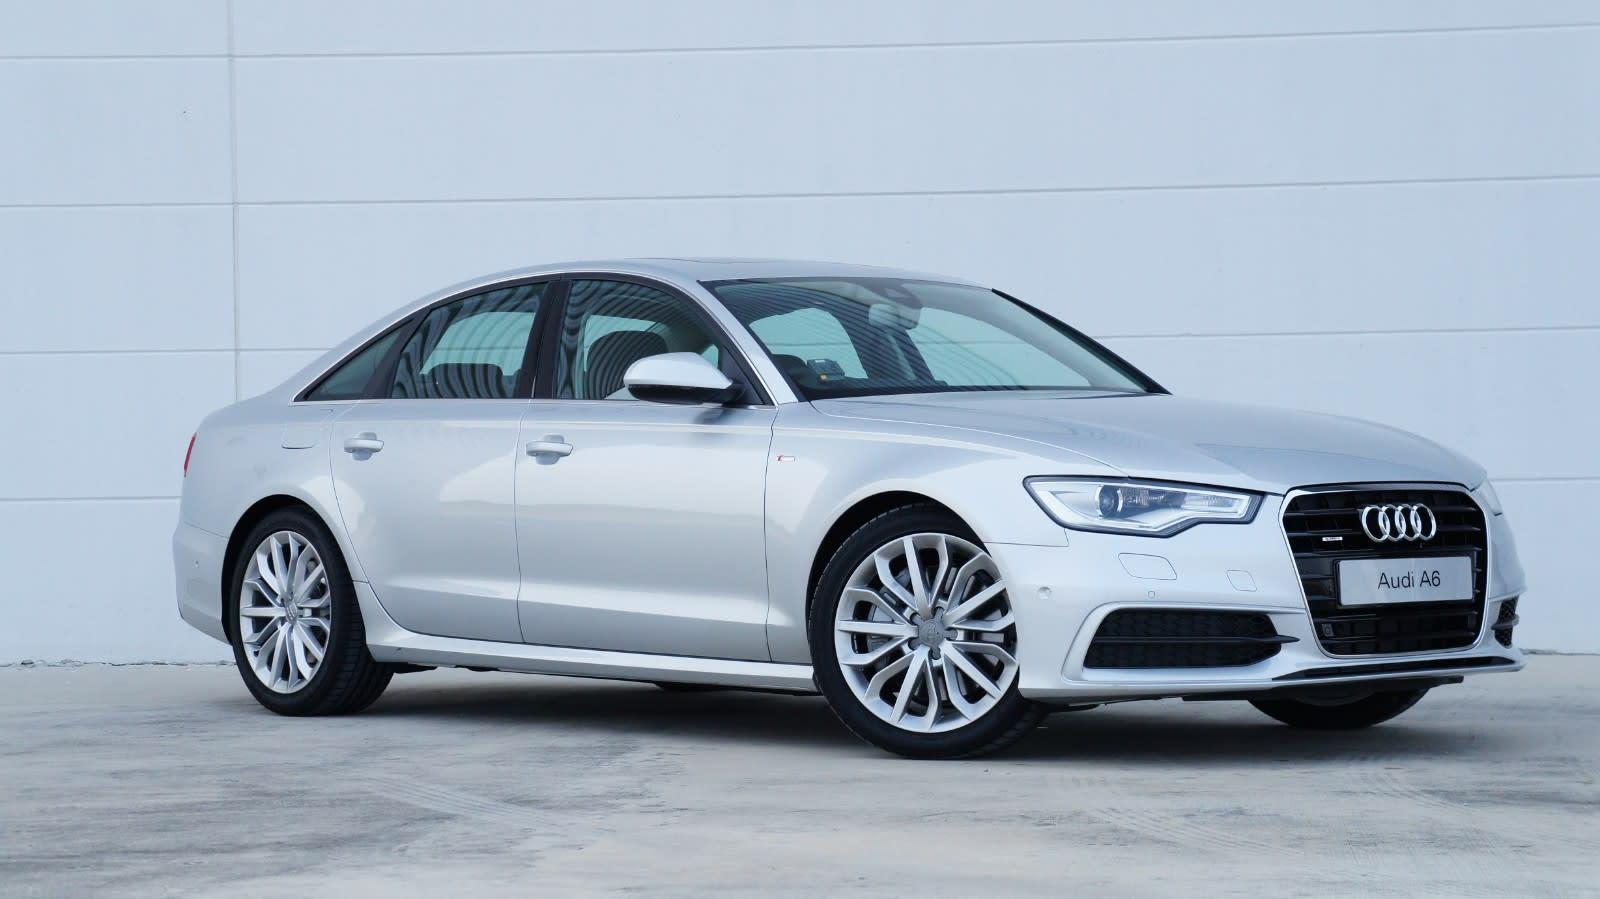 Kekurangan Audi A6 2.8 Spesifikasi